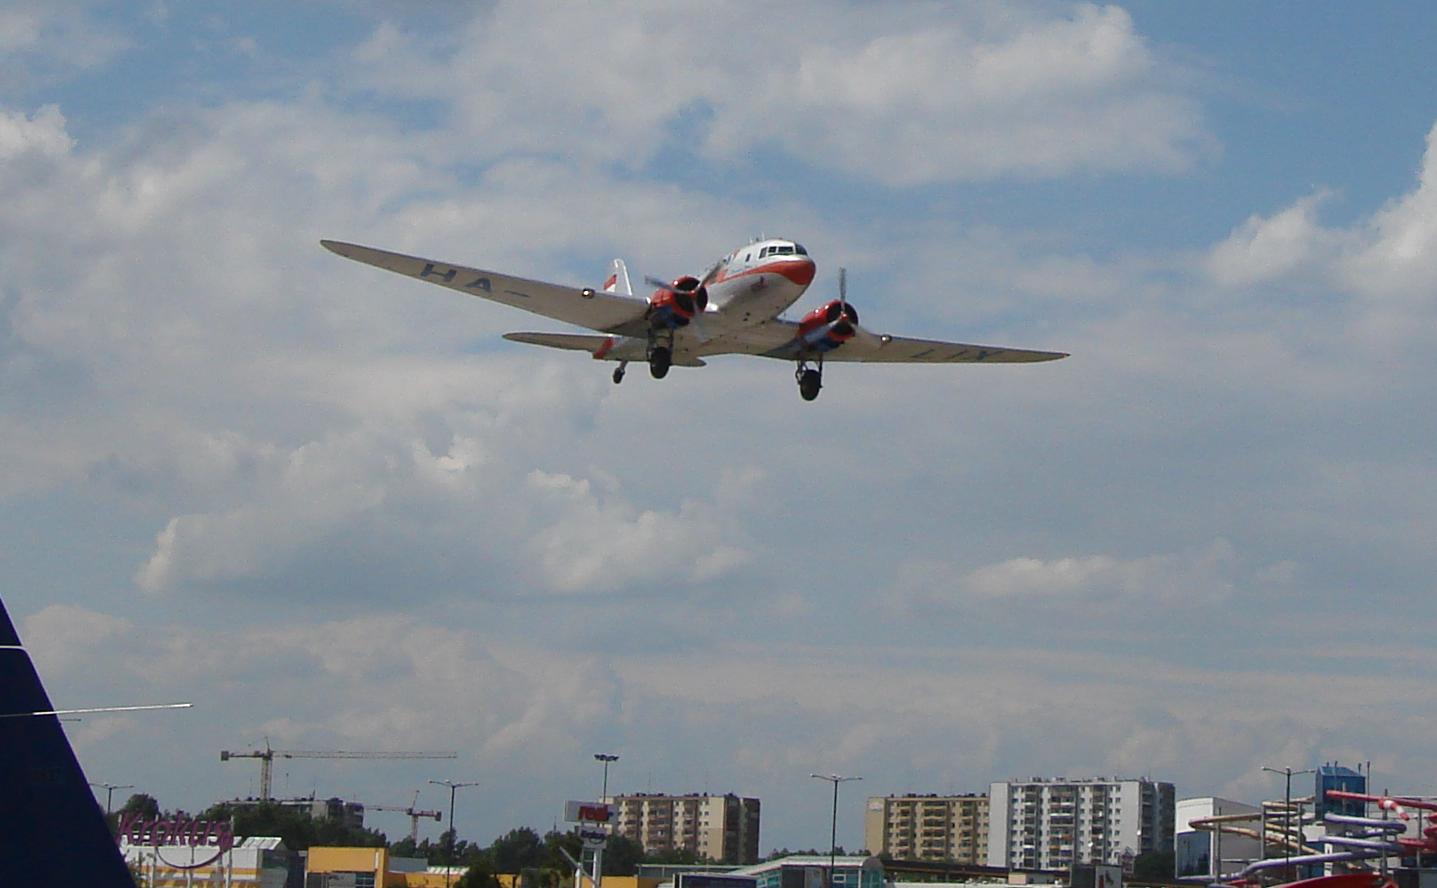 Li-2 rejestracja HA-LIX węgierski nad muzeum-lotniskiem Czyżyny.30 czerwiec 2007 rok. Zdjęcie Karol Placha Hetman